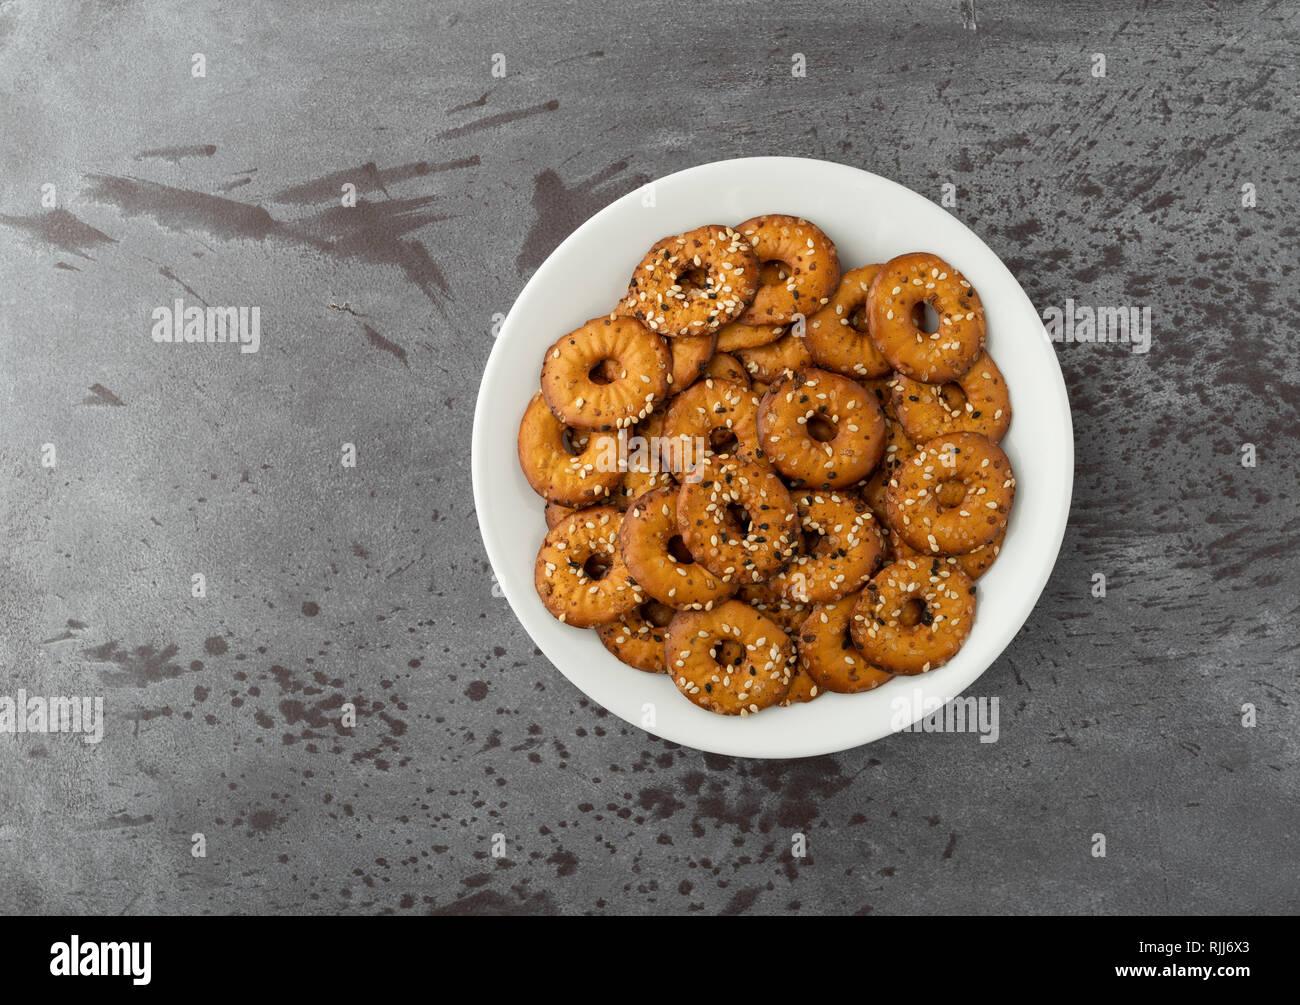 Vue de dessus d'une plaque blanche remplie de petits copeaux de bagel avec un assortiment de graines sur un fond gris, éclairé par la lumière naturelle. Banque D'Images